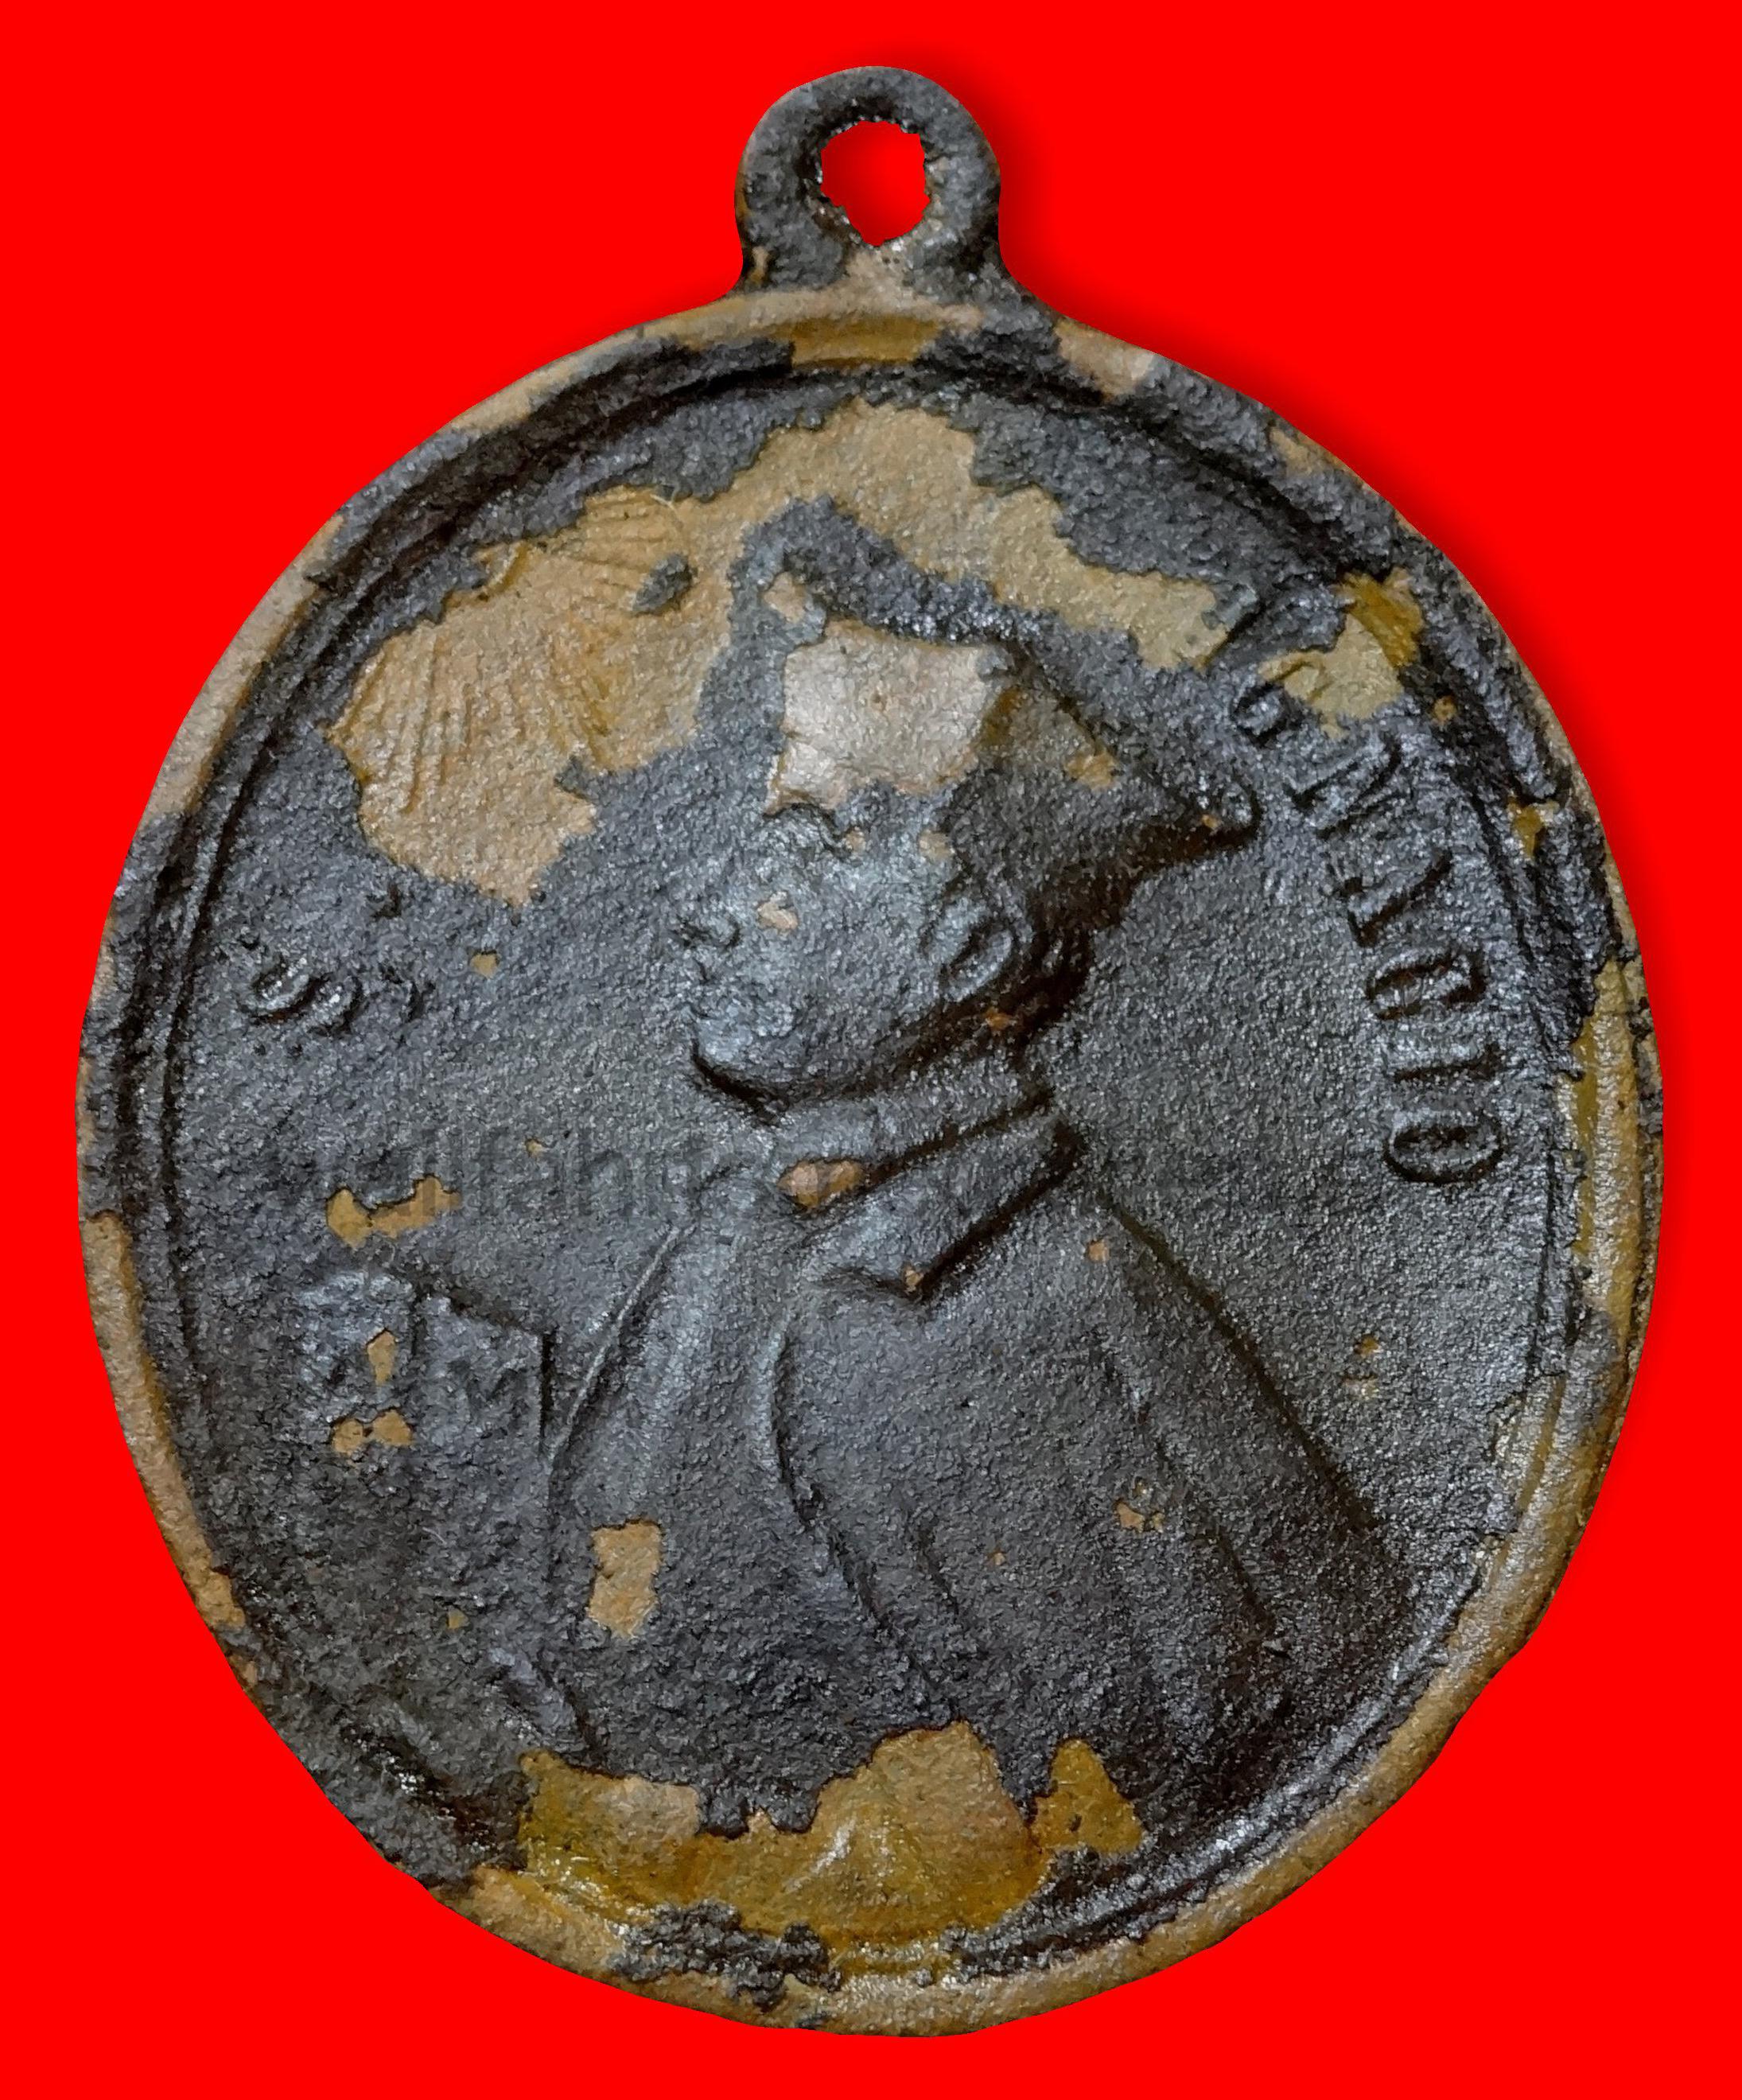 Der heilige Ignatius von Loyola